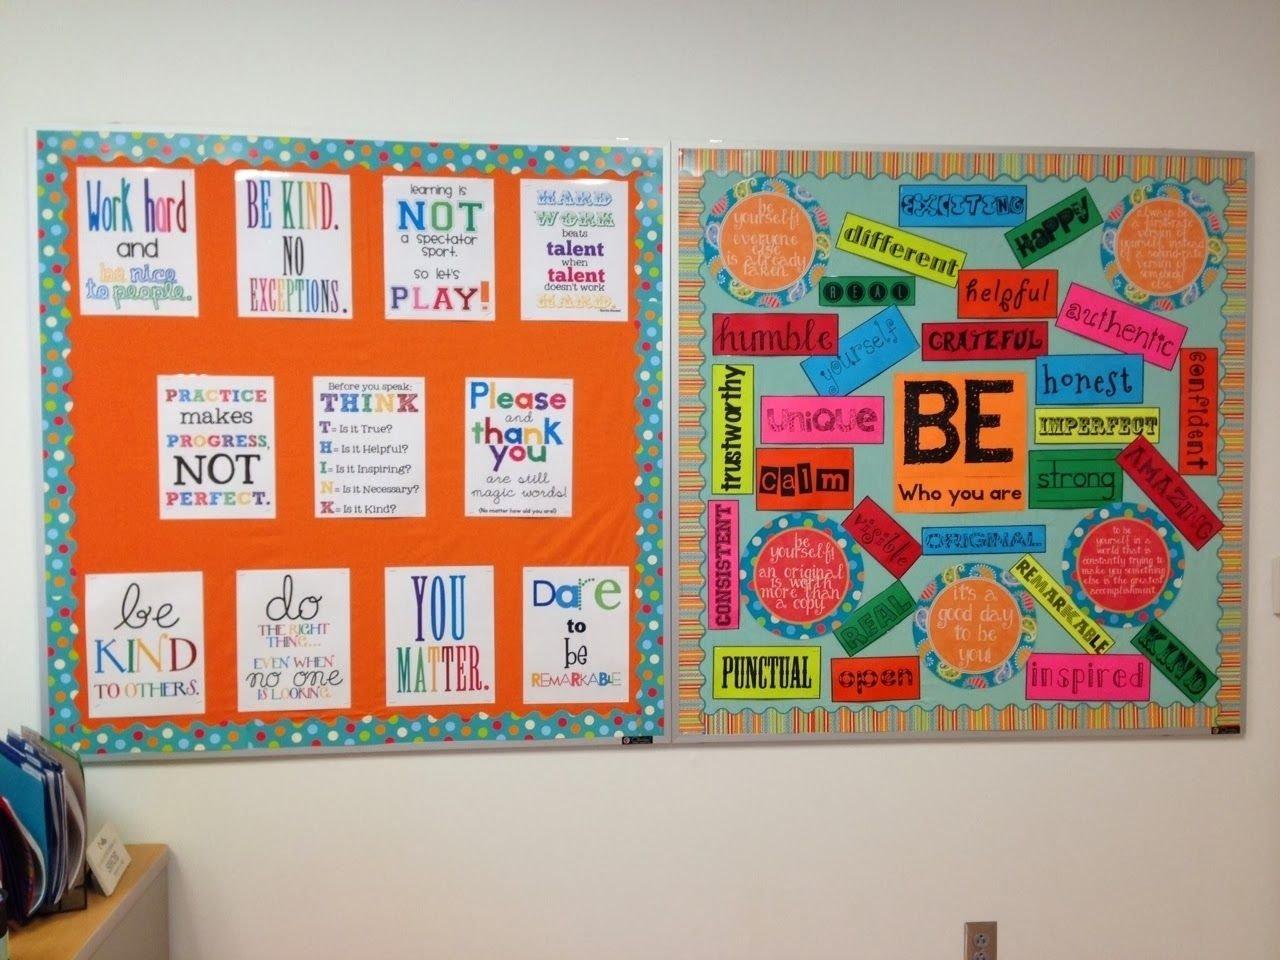 10 Fabulous Elementary School Bulletin Board Ideas bulletin board ideas for principals office google search admin 2020